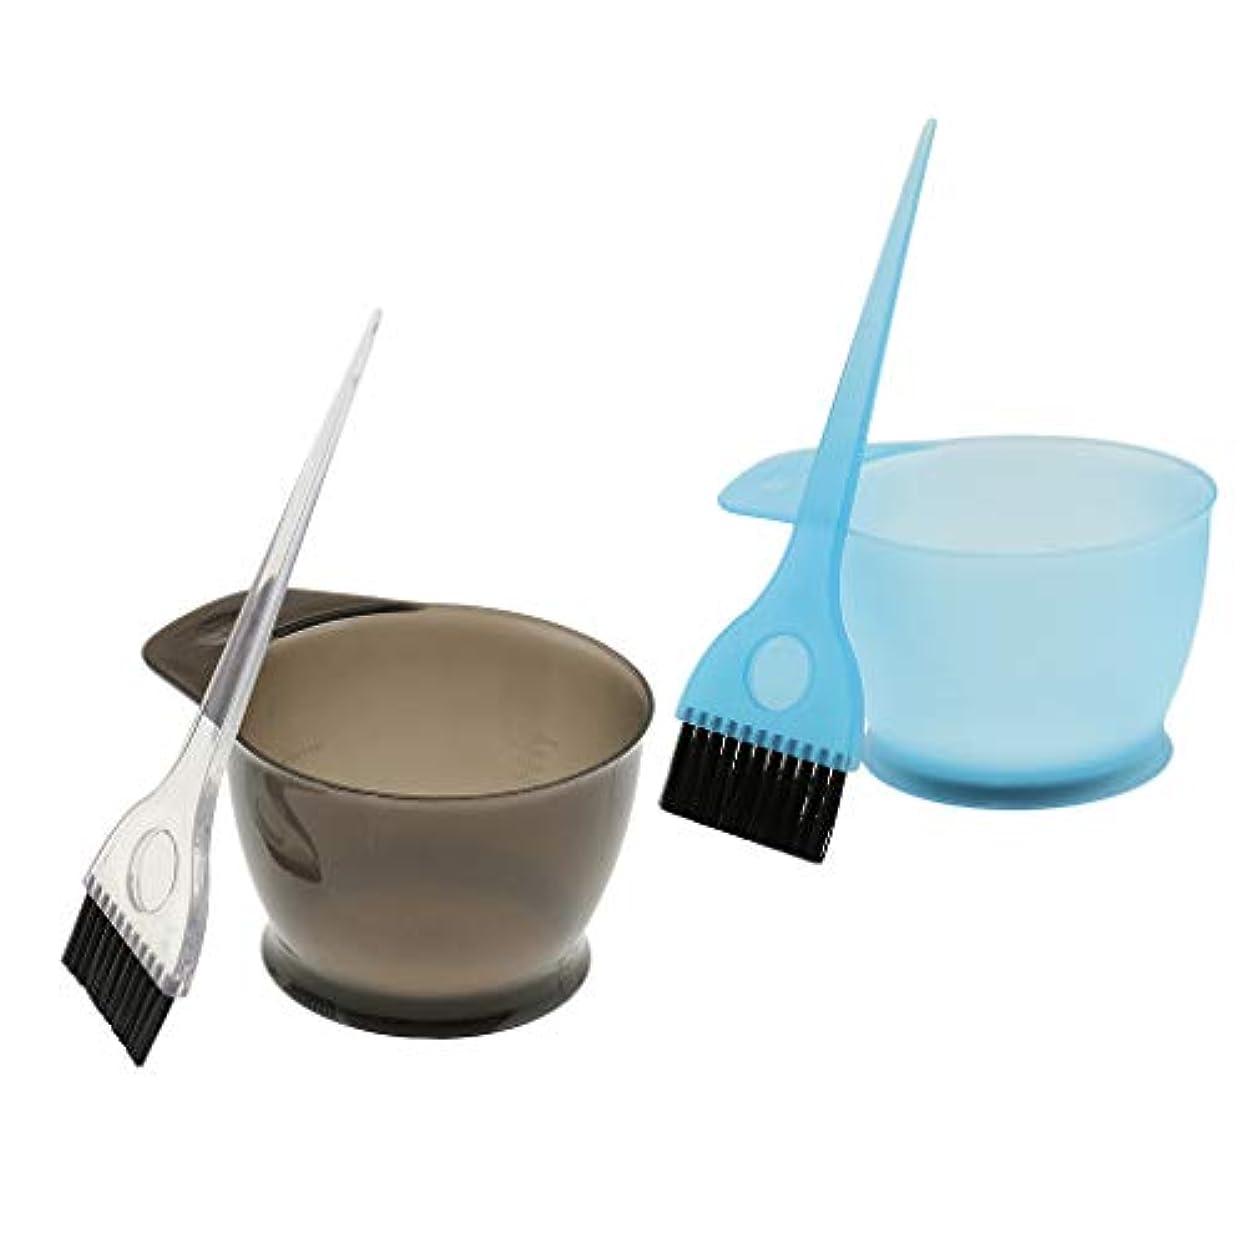 準備した安らぎバレエCUTICATE ヘアカラー ブラシ ヘアダイブラシ カップ ヘアダイカップ 髪染めブラシ ヘアカラー 用品 4個セット